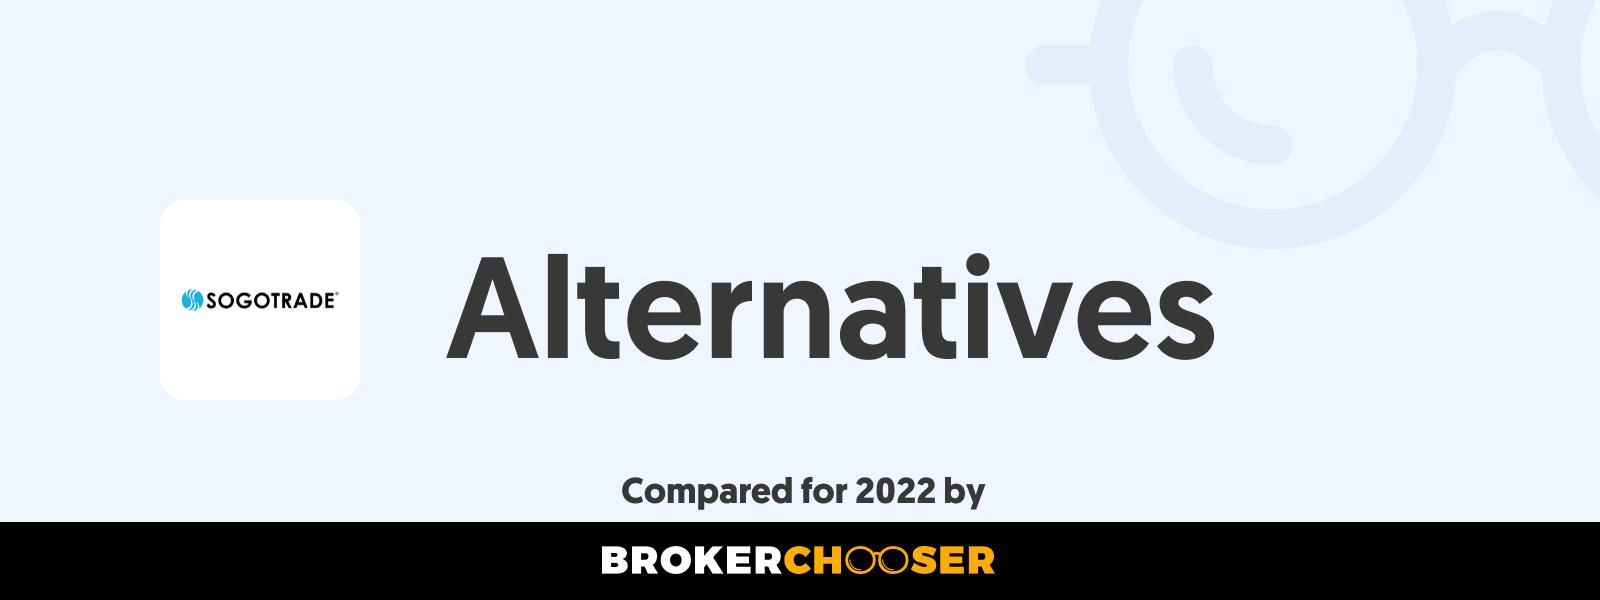 SogoTrade Alternatives